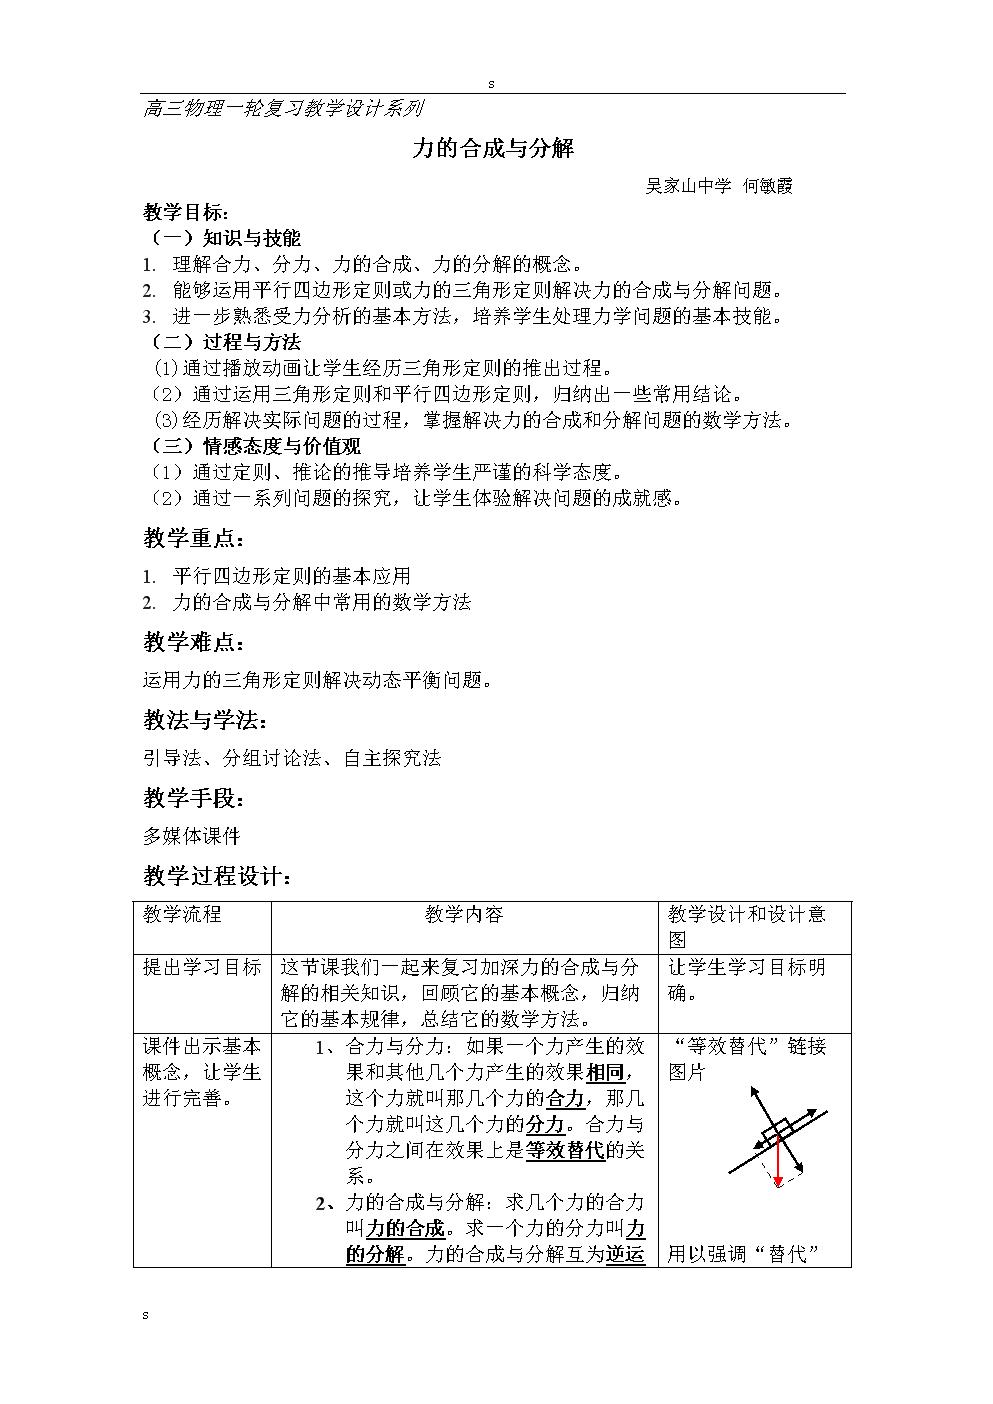 先生高三一轮v先生教学设计系列.doc回忆鲁迅物理ppt优秀课件图片